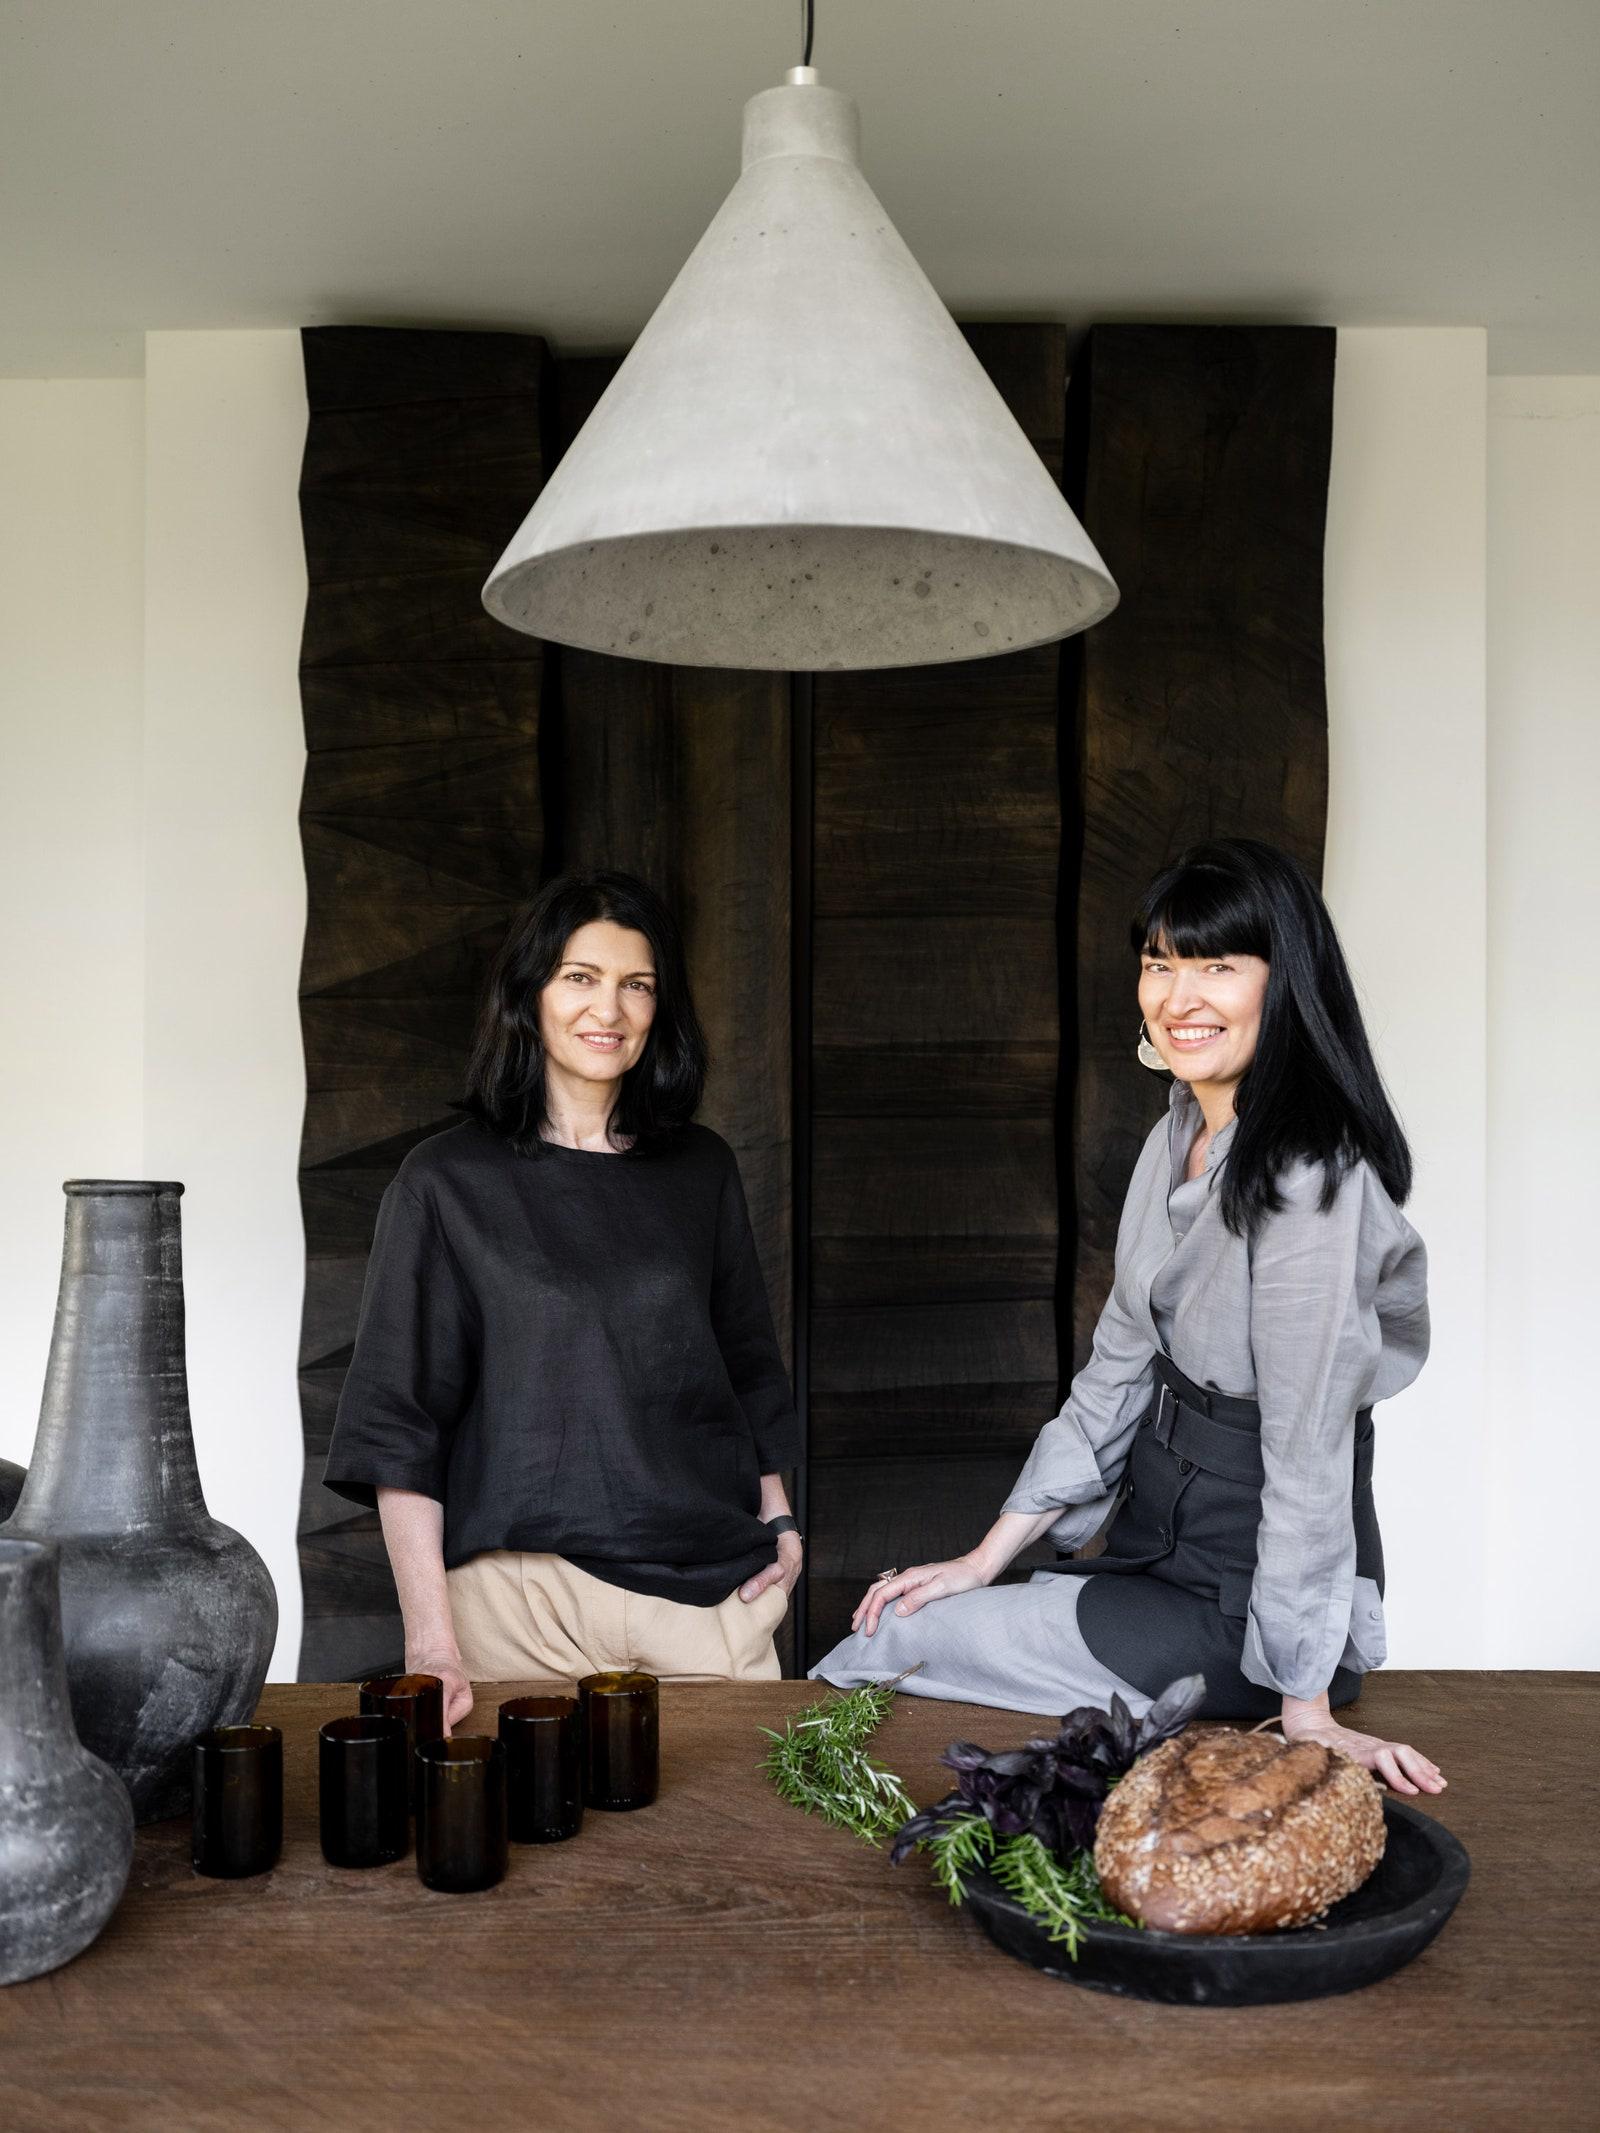 Sisters' Design